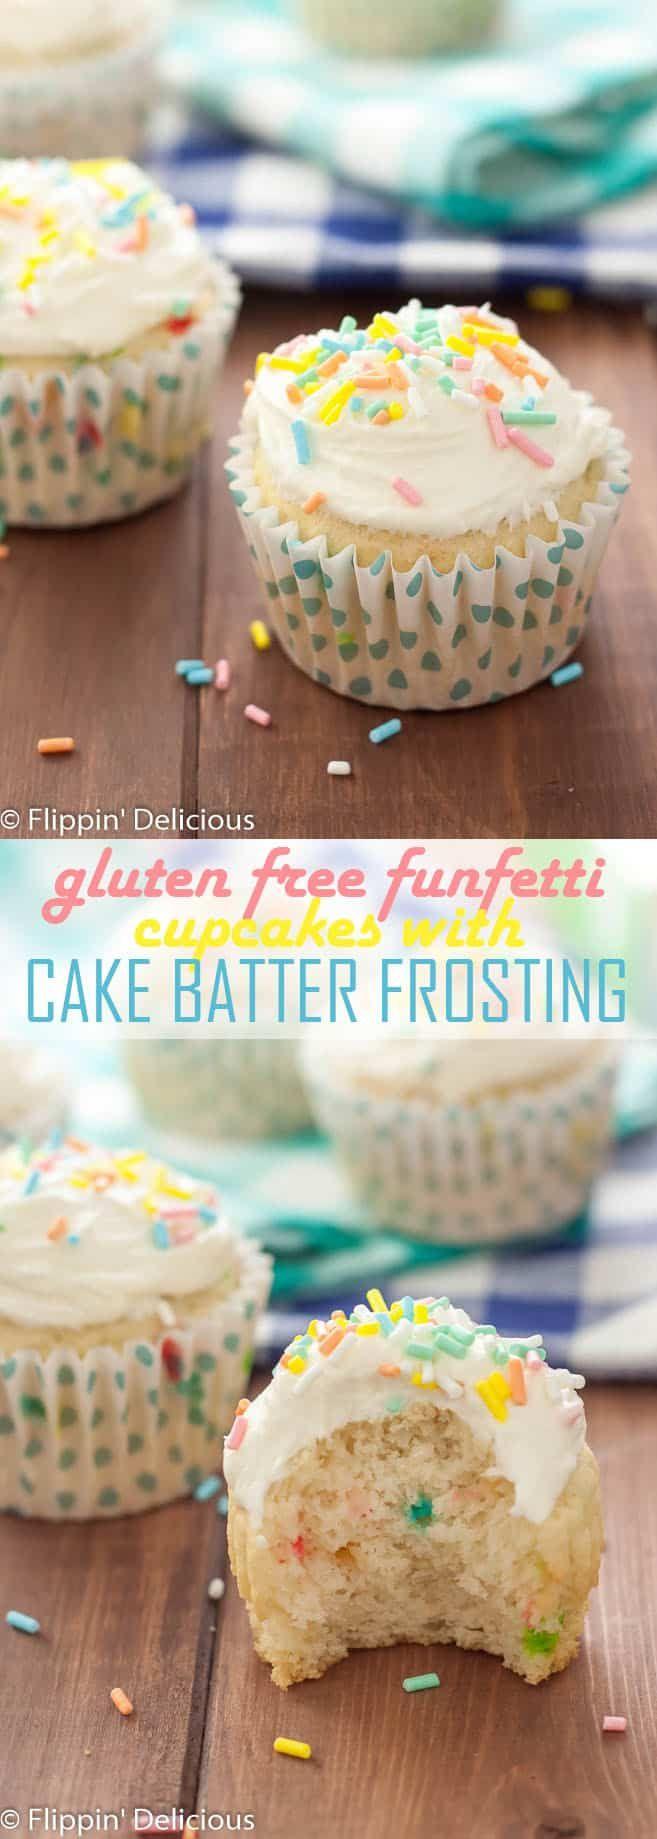 Farm House Homemade Fruit Cake Gluten Free